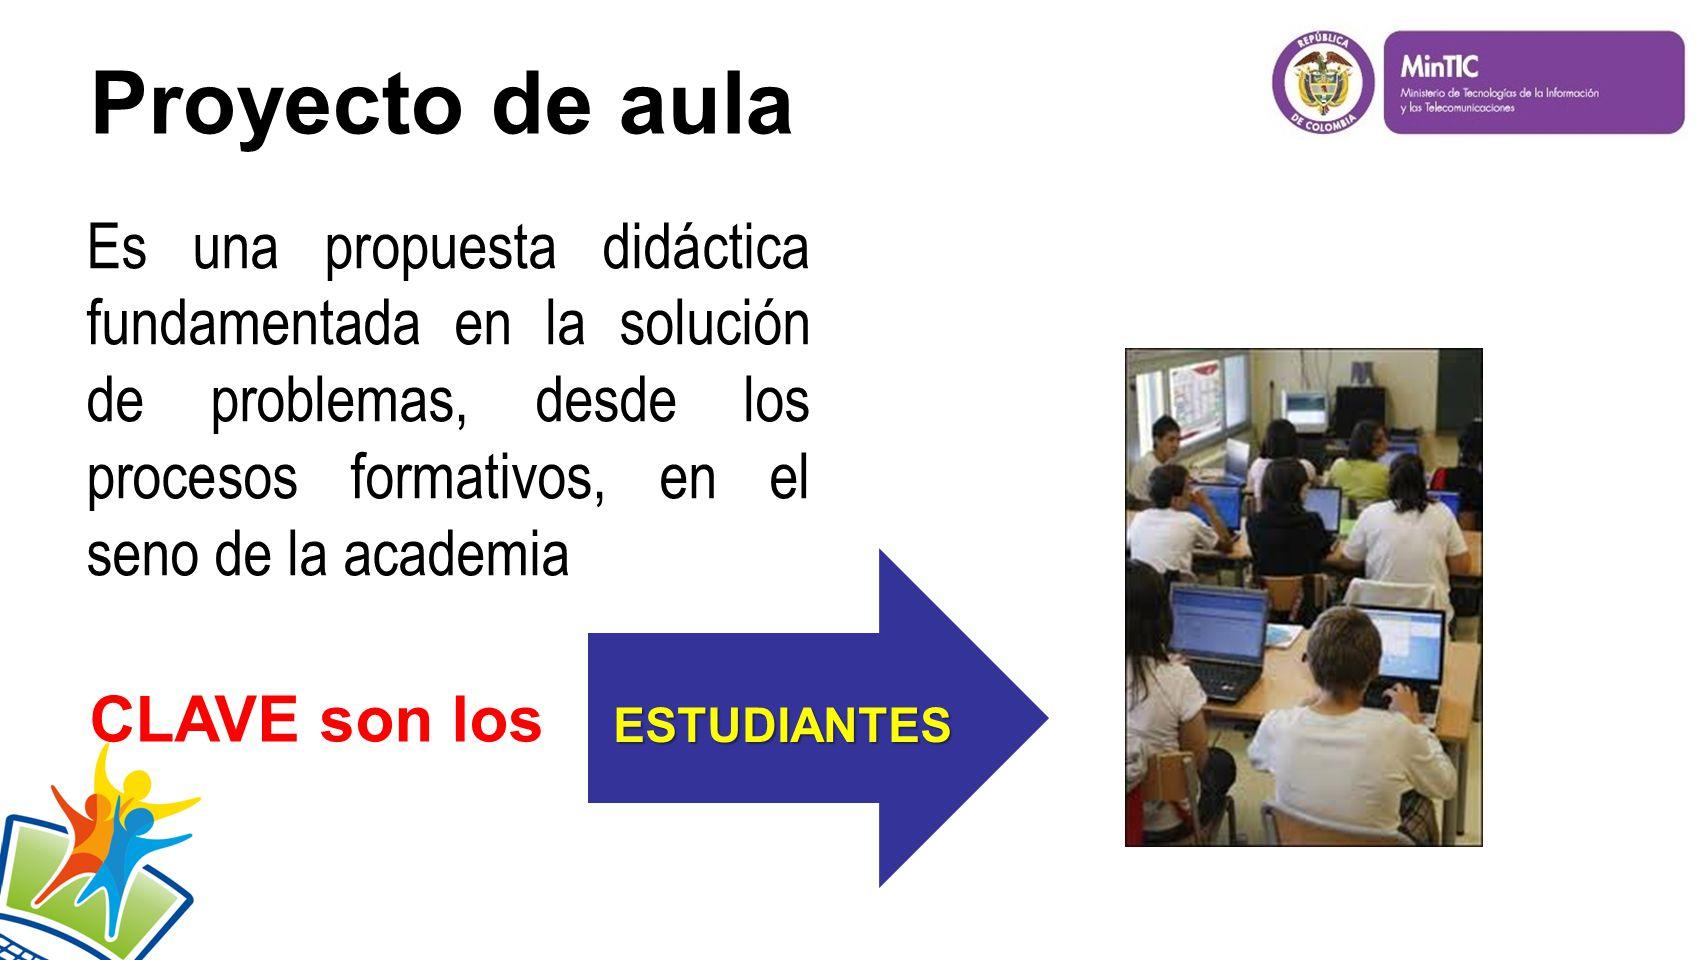 Proyecto de aula Es una propuesta didáctica fundamentada en la solución de problemas, desde los procesos formativos, en el seno de la academia ESTUDIANTES ESTUDIANTES CLAVE son los